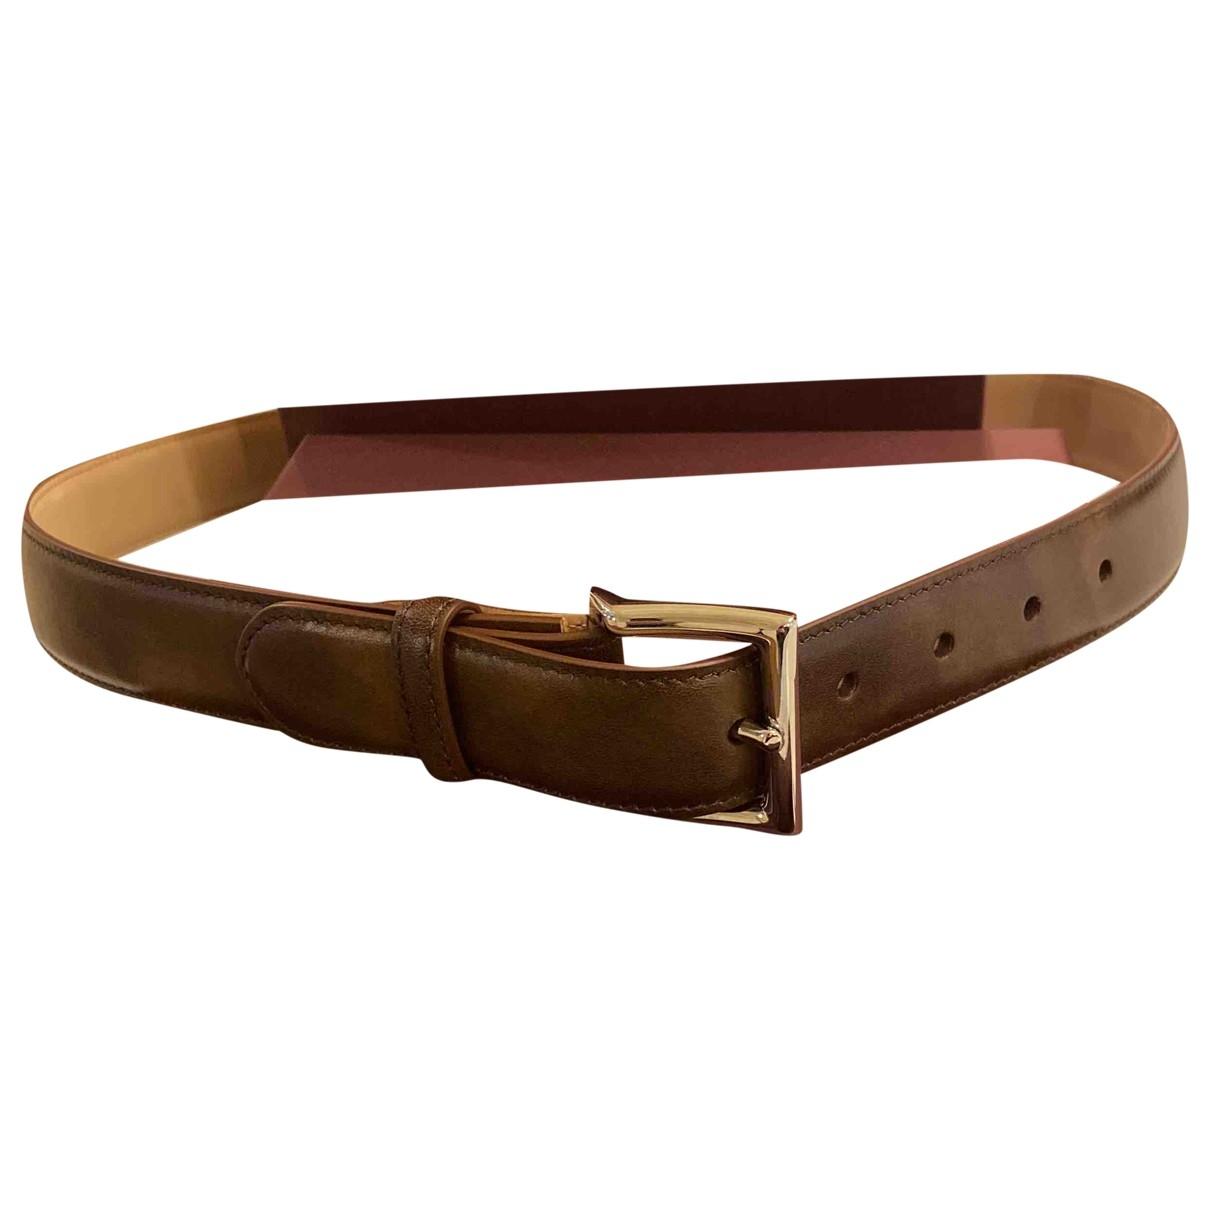 John Lobb \N Brown Leather belt for Men L international